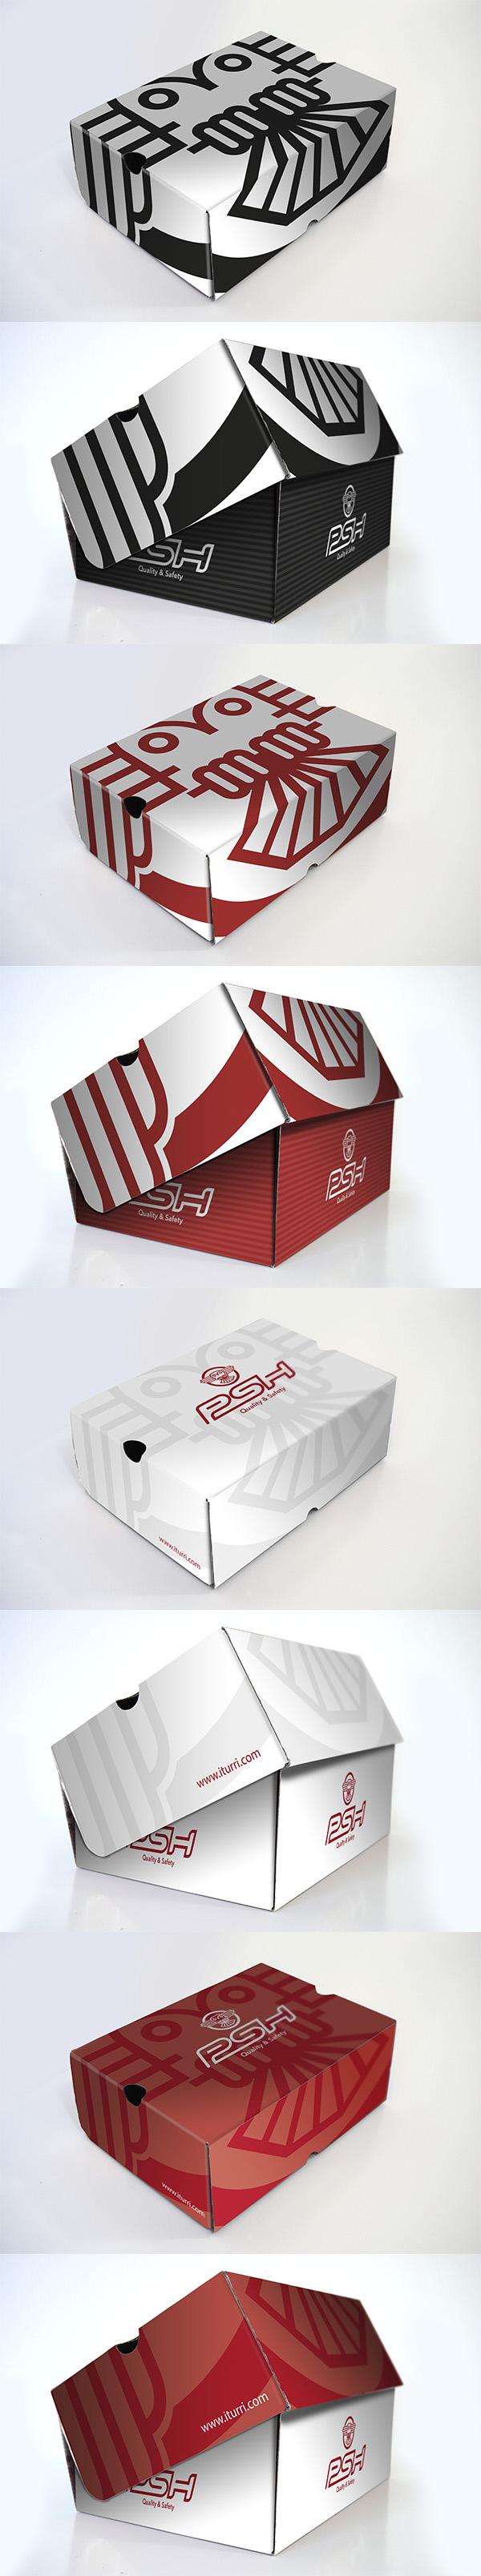 Propuestas de diseño de packaging para calzado PSH